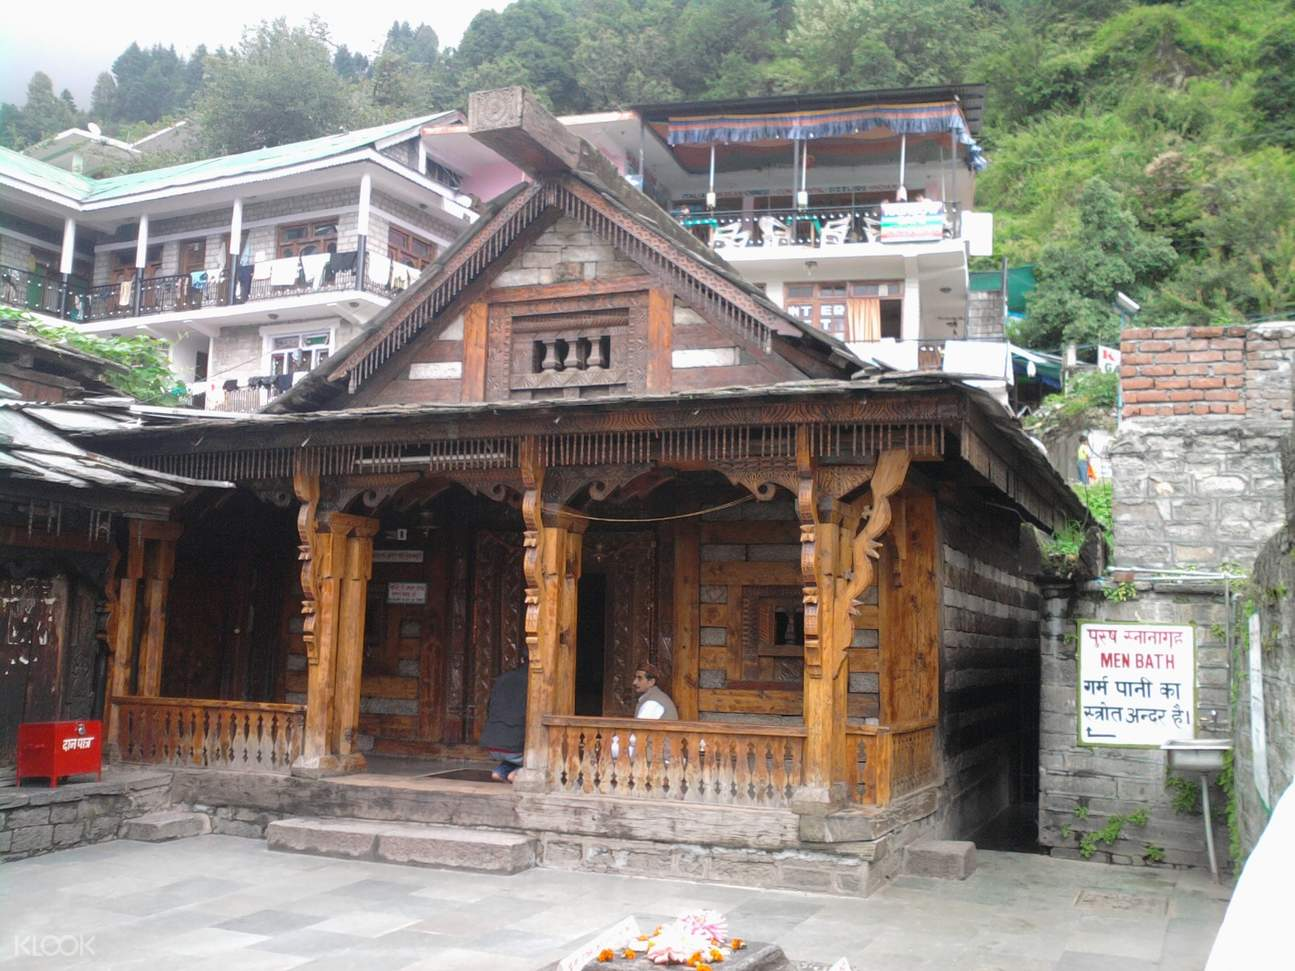 Vishisht印度神庙